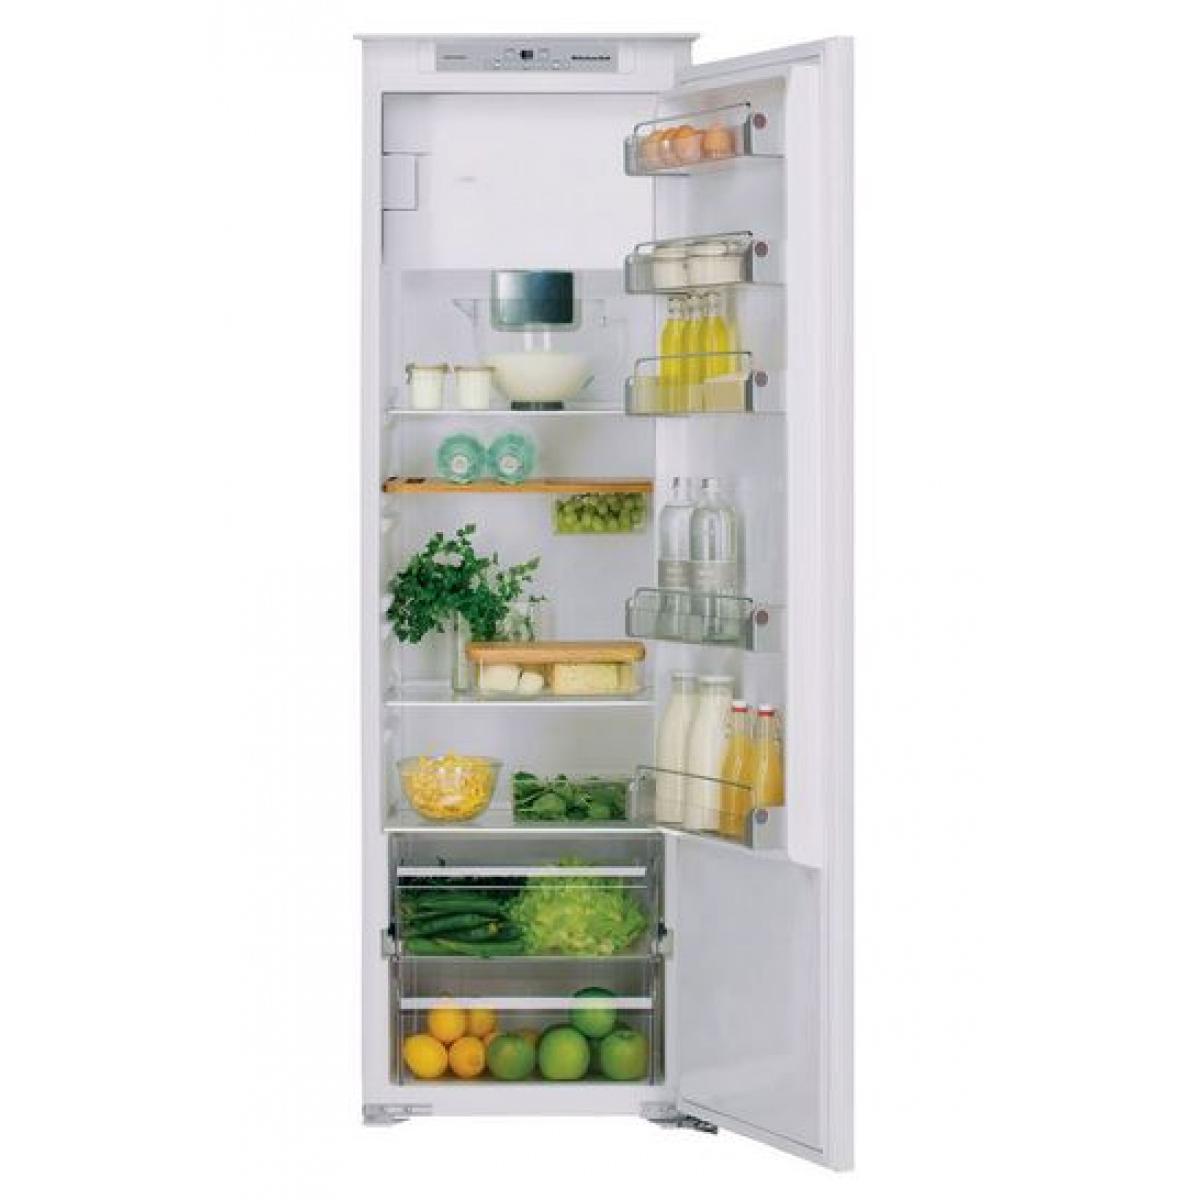 Холодильник KitchenAid, KCBMR 18602 фото